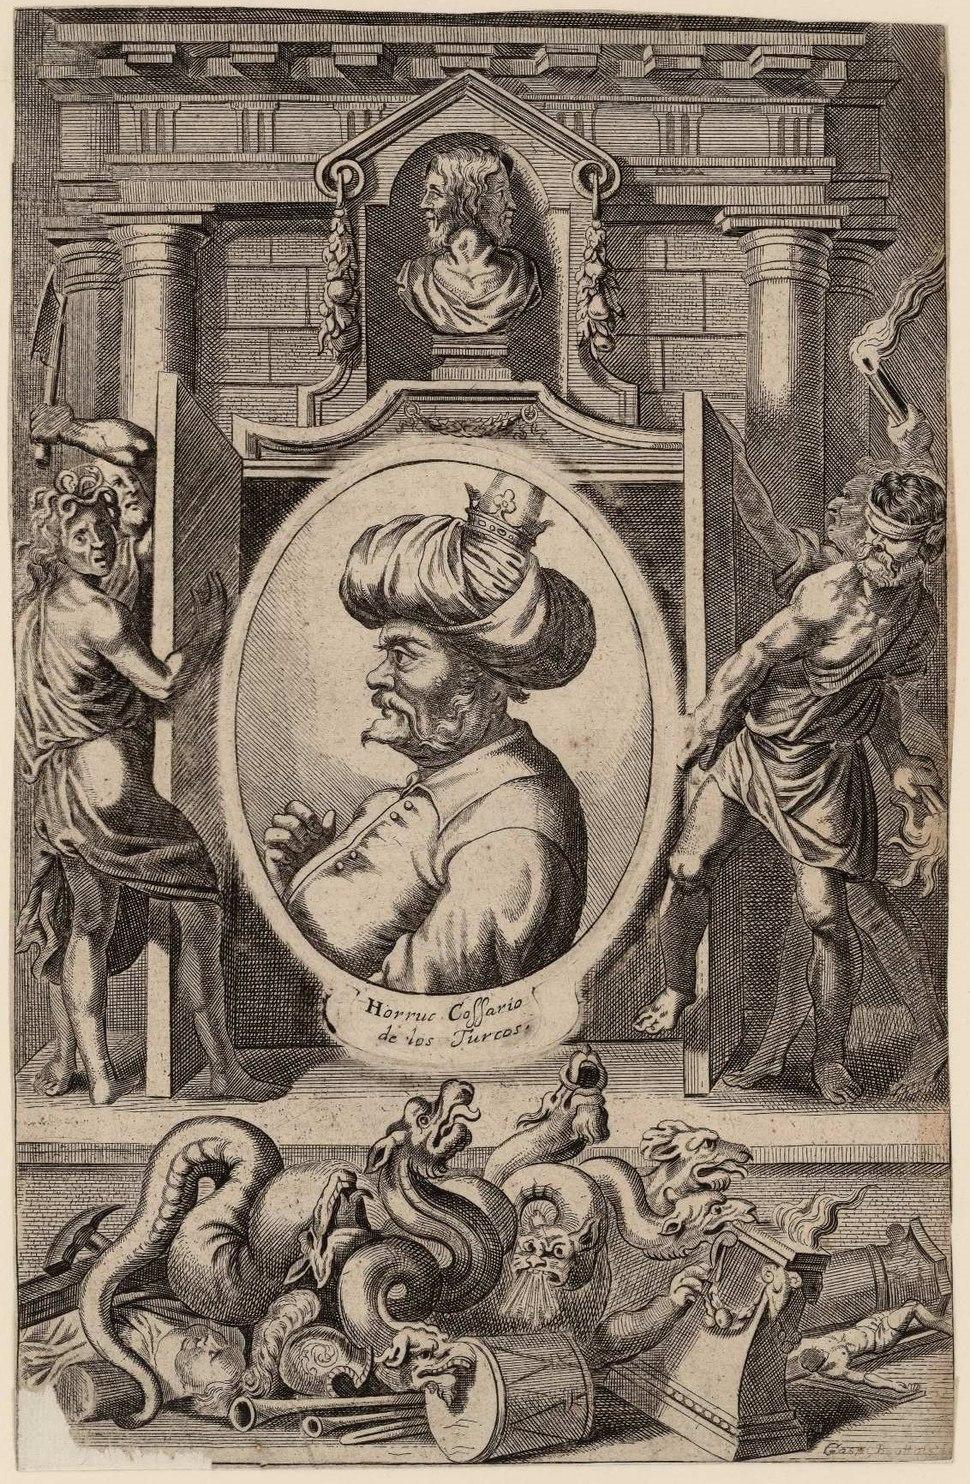 Gaspar bouttats-Retrato de Horruc